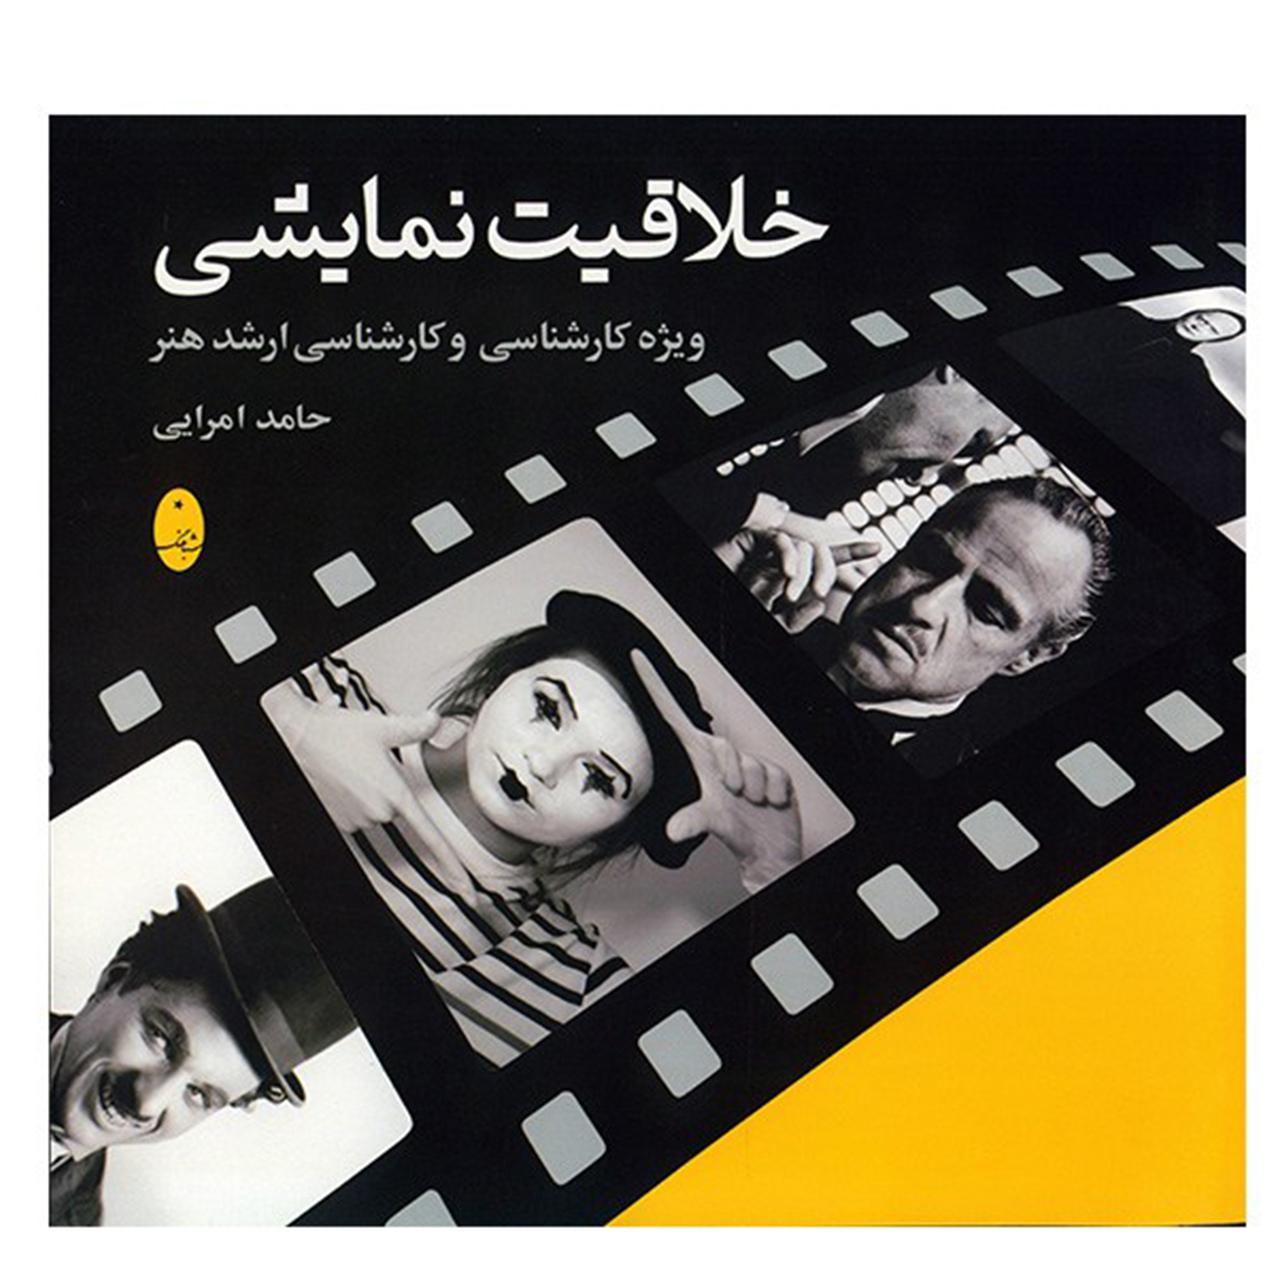 خرید                      کتاب خلاقیت نمایشی اثر حامد امرایی